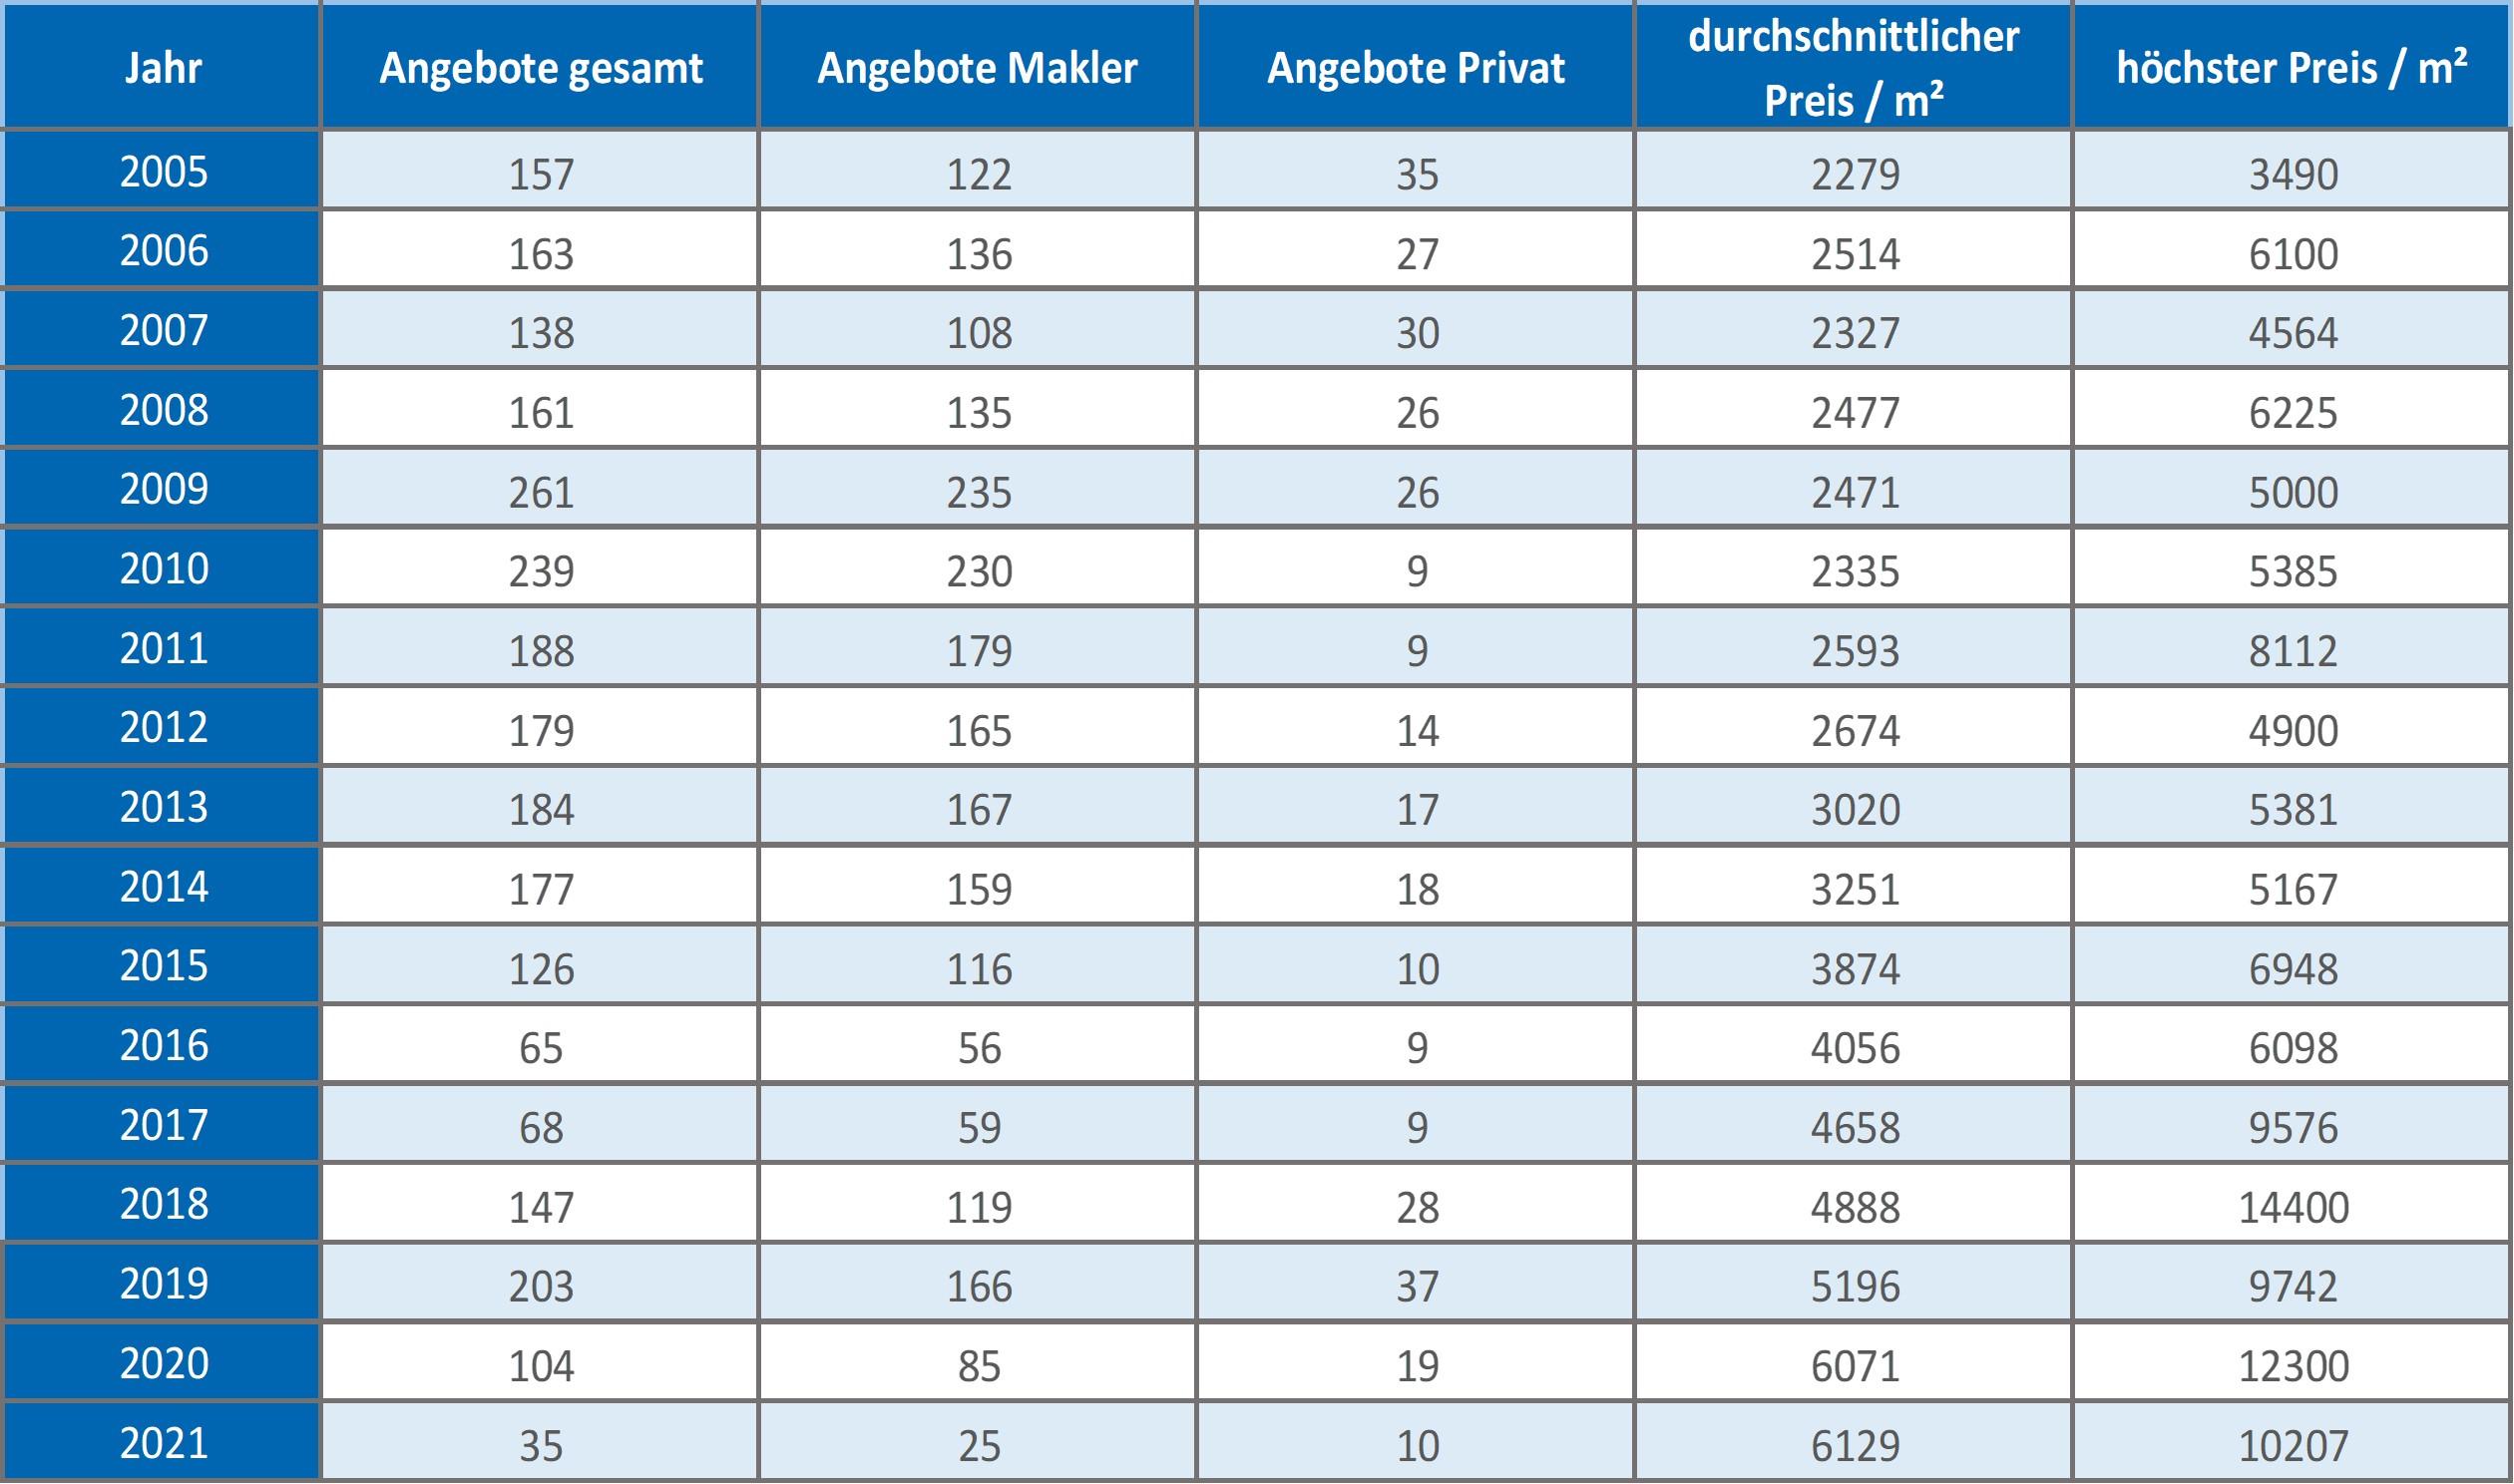 Geretsried Haus kaufen verkaufen Makler Preis 2019 2020 2021